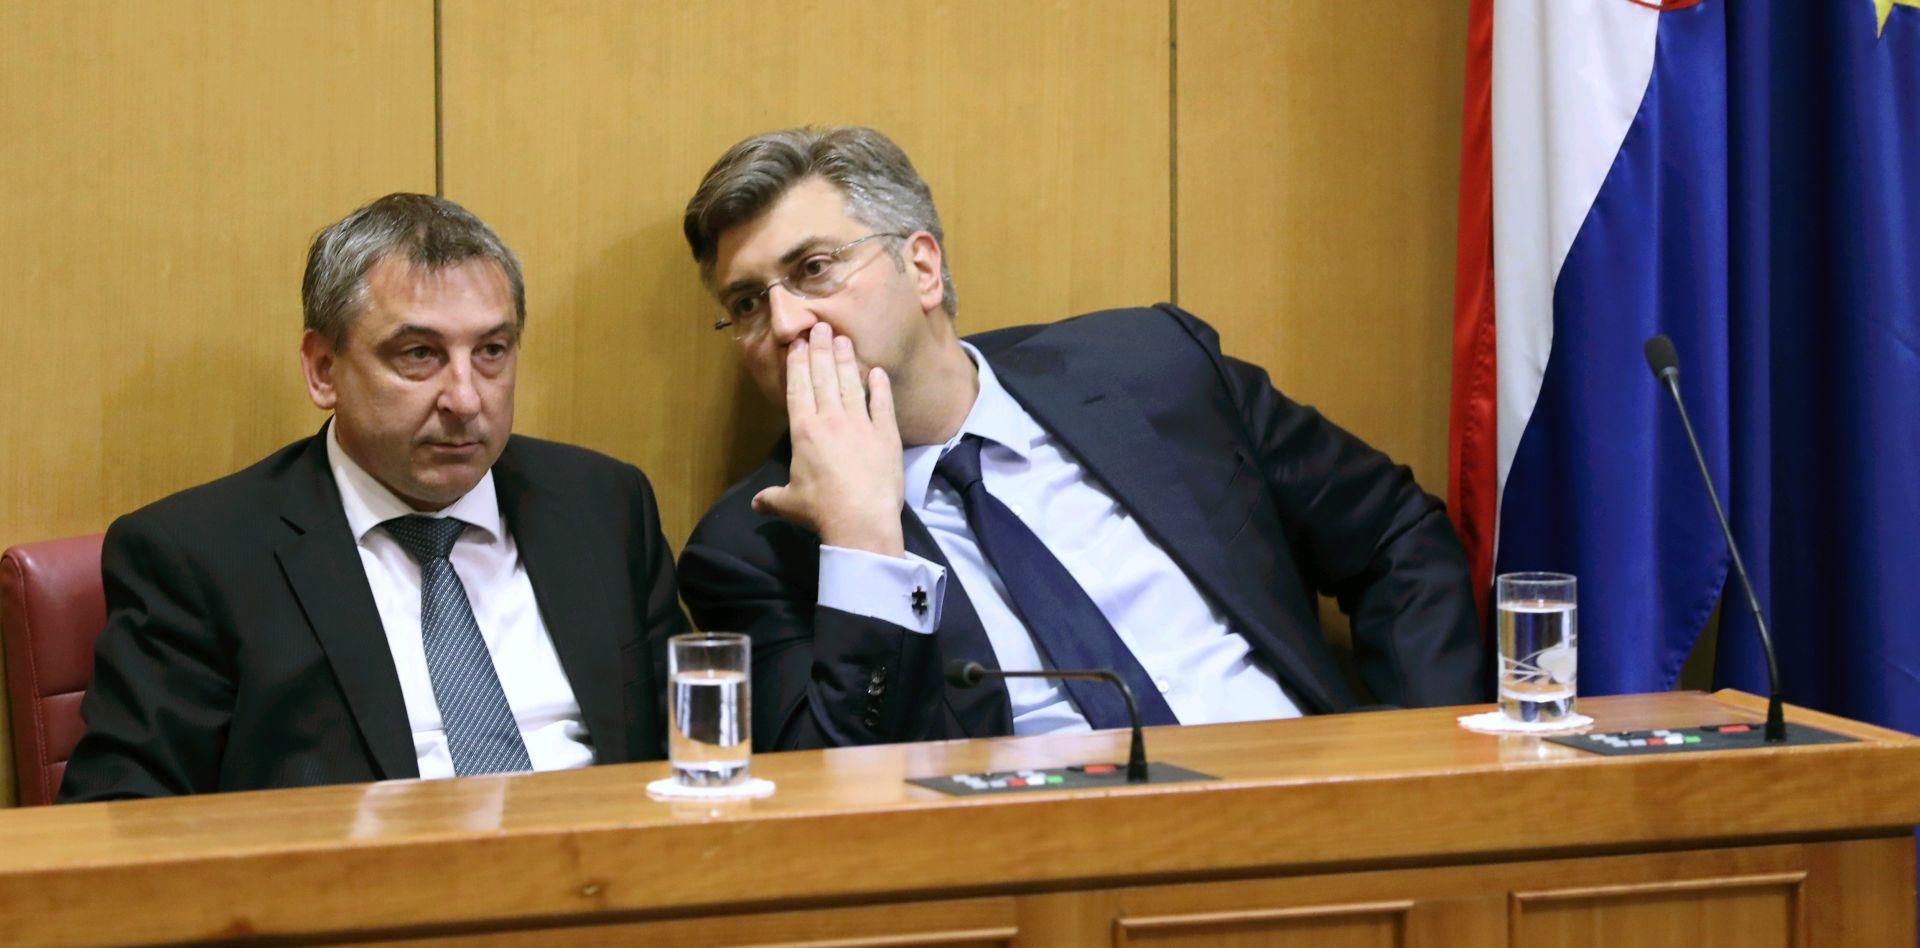 ISTRAŽIVANJE NOVE TV Građani ne podržavaju koaliciju HDZ-a i HNS-a